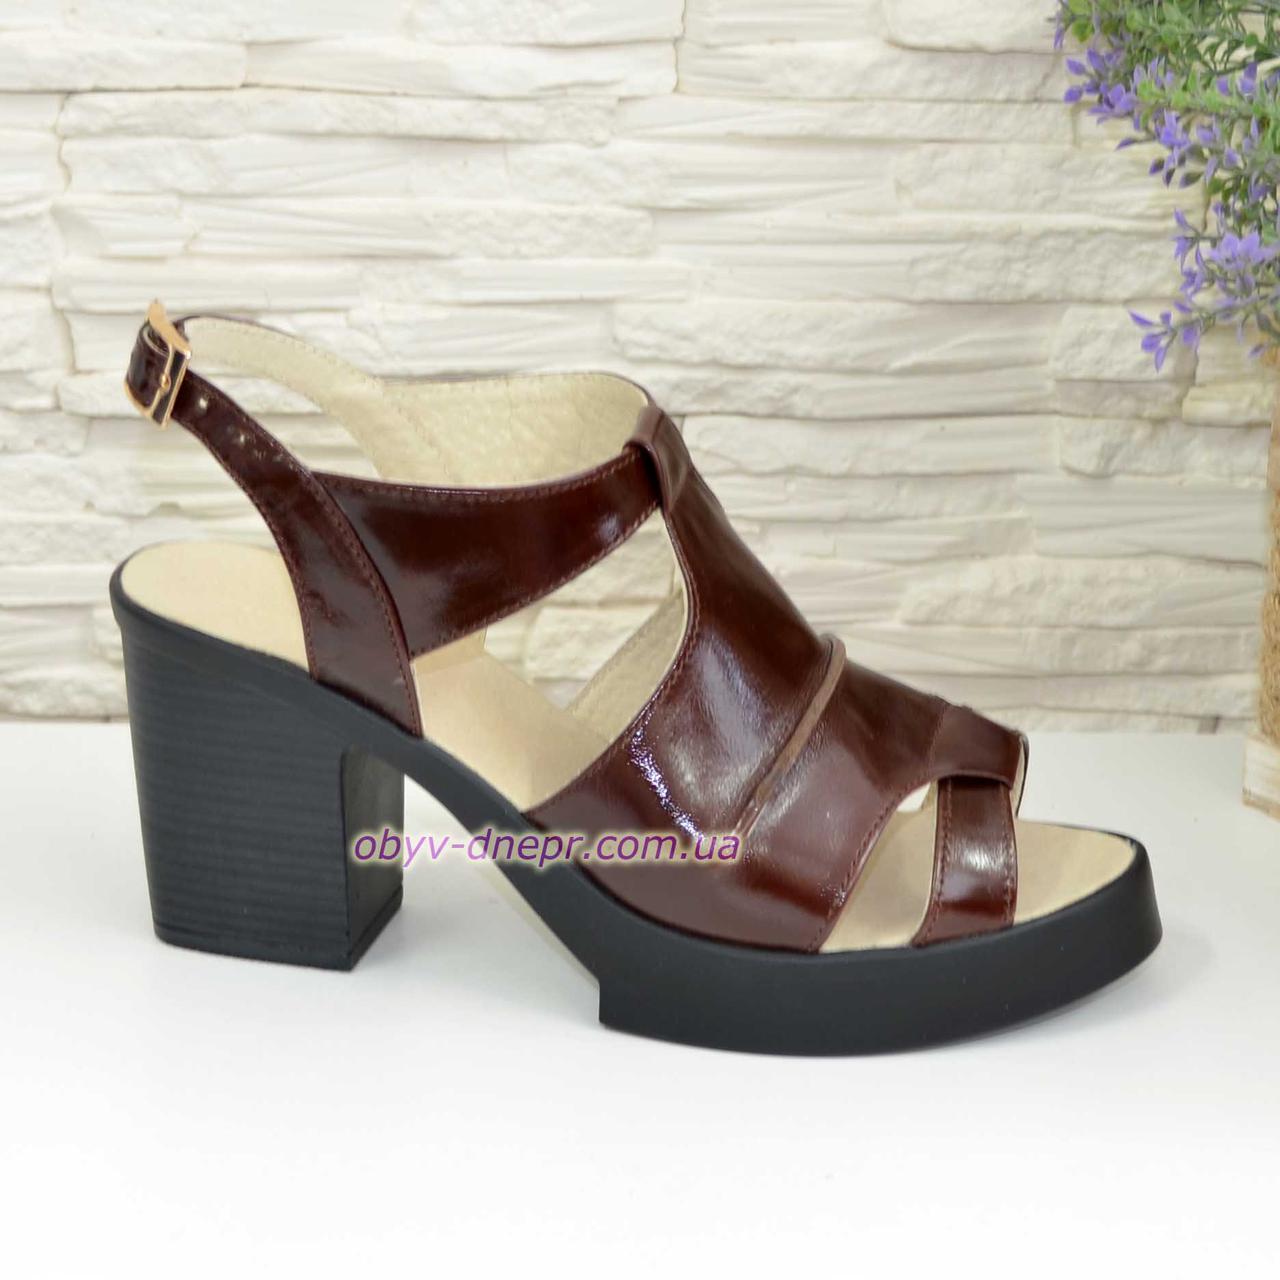 Кожаные  коричневые женские босоножки на широком устойчивом каблуке